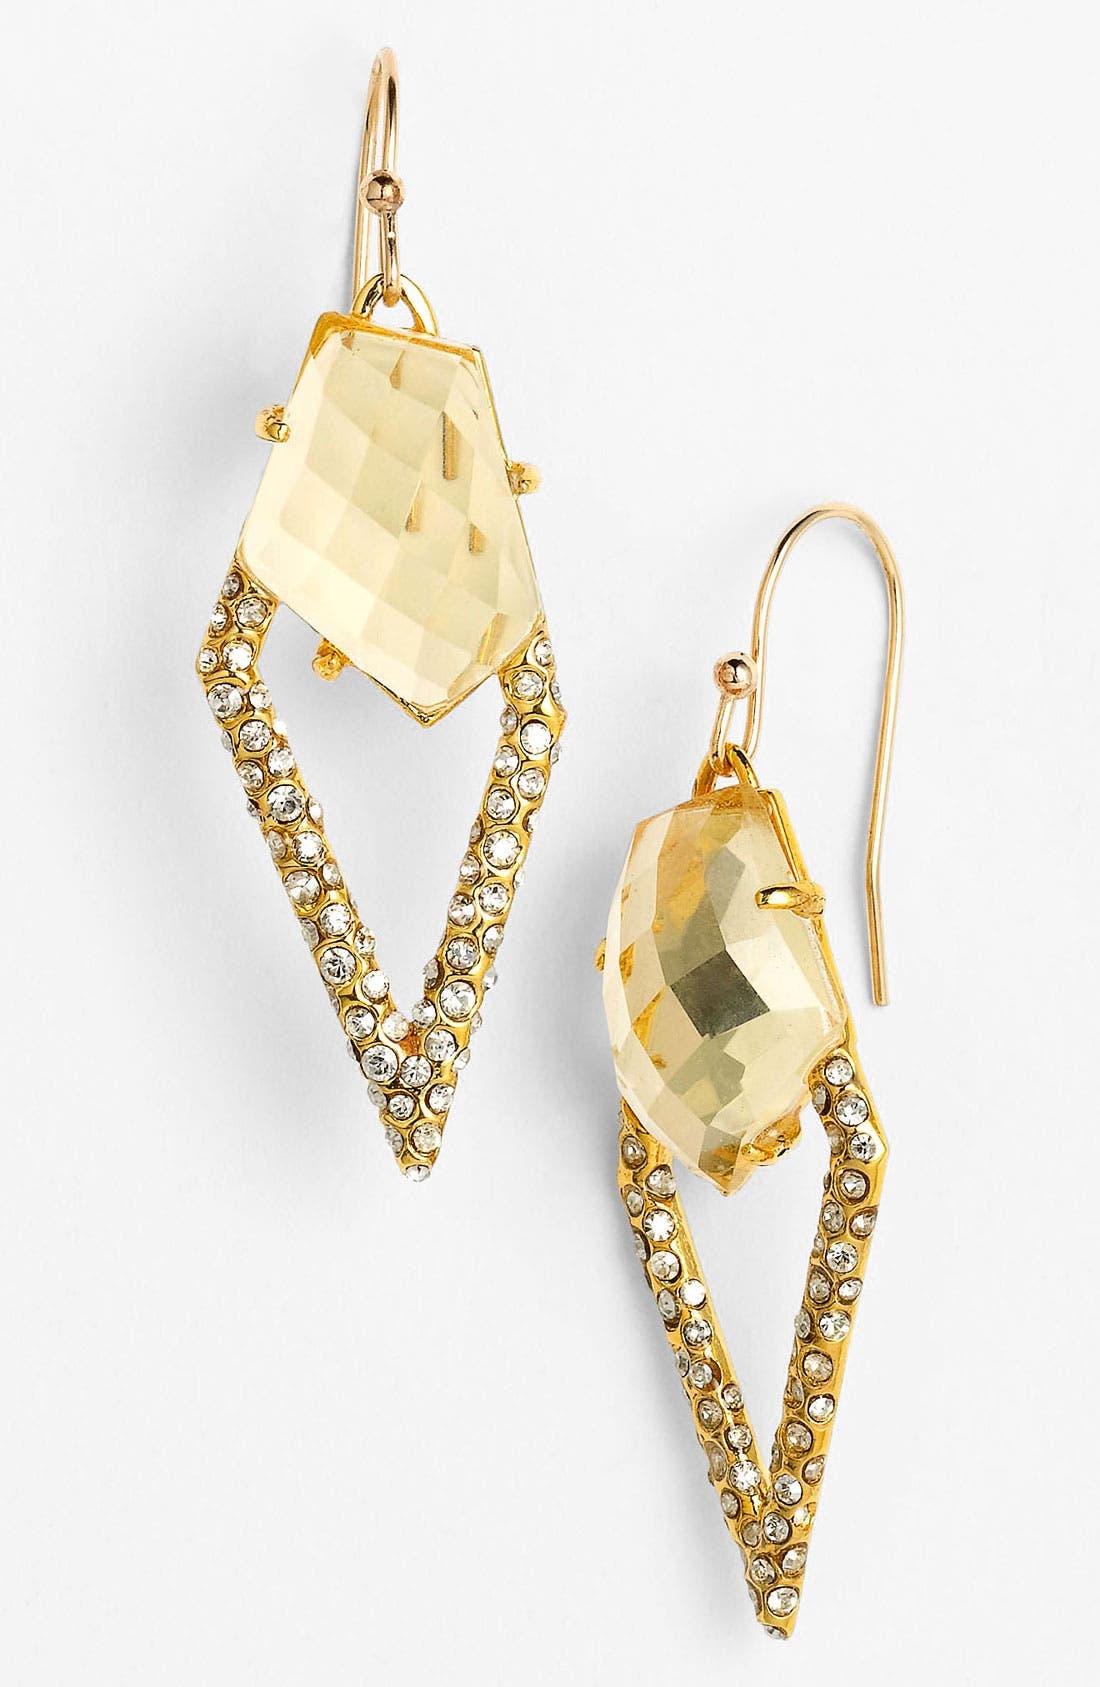 Main Image - Alexis Bittar 'Miss Havisham - New Wave' Kite Earrings